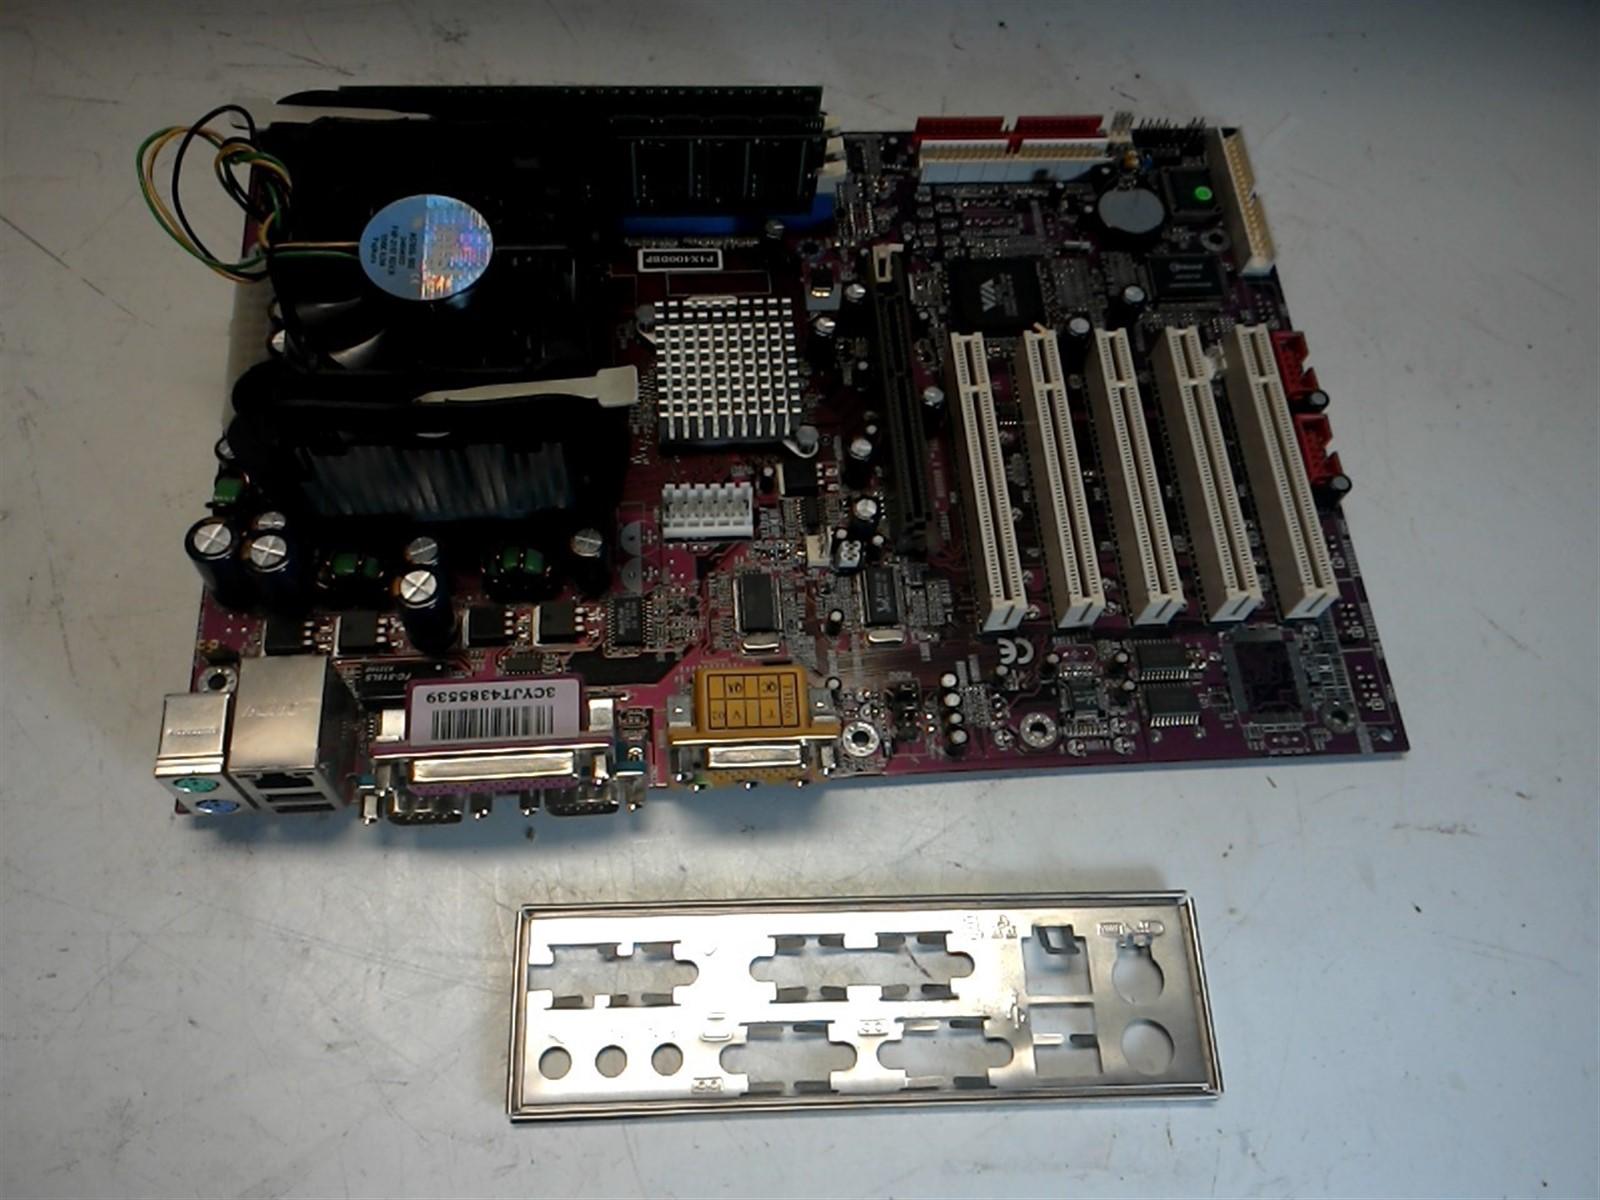 P4x400dbp motherboard